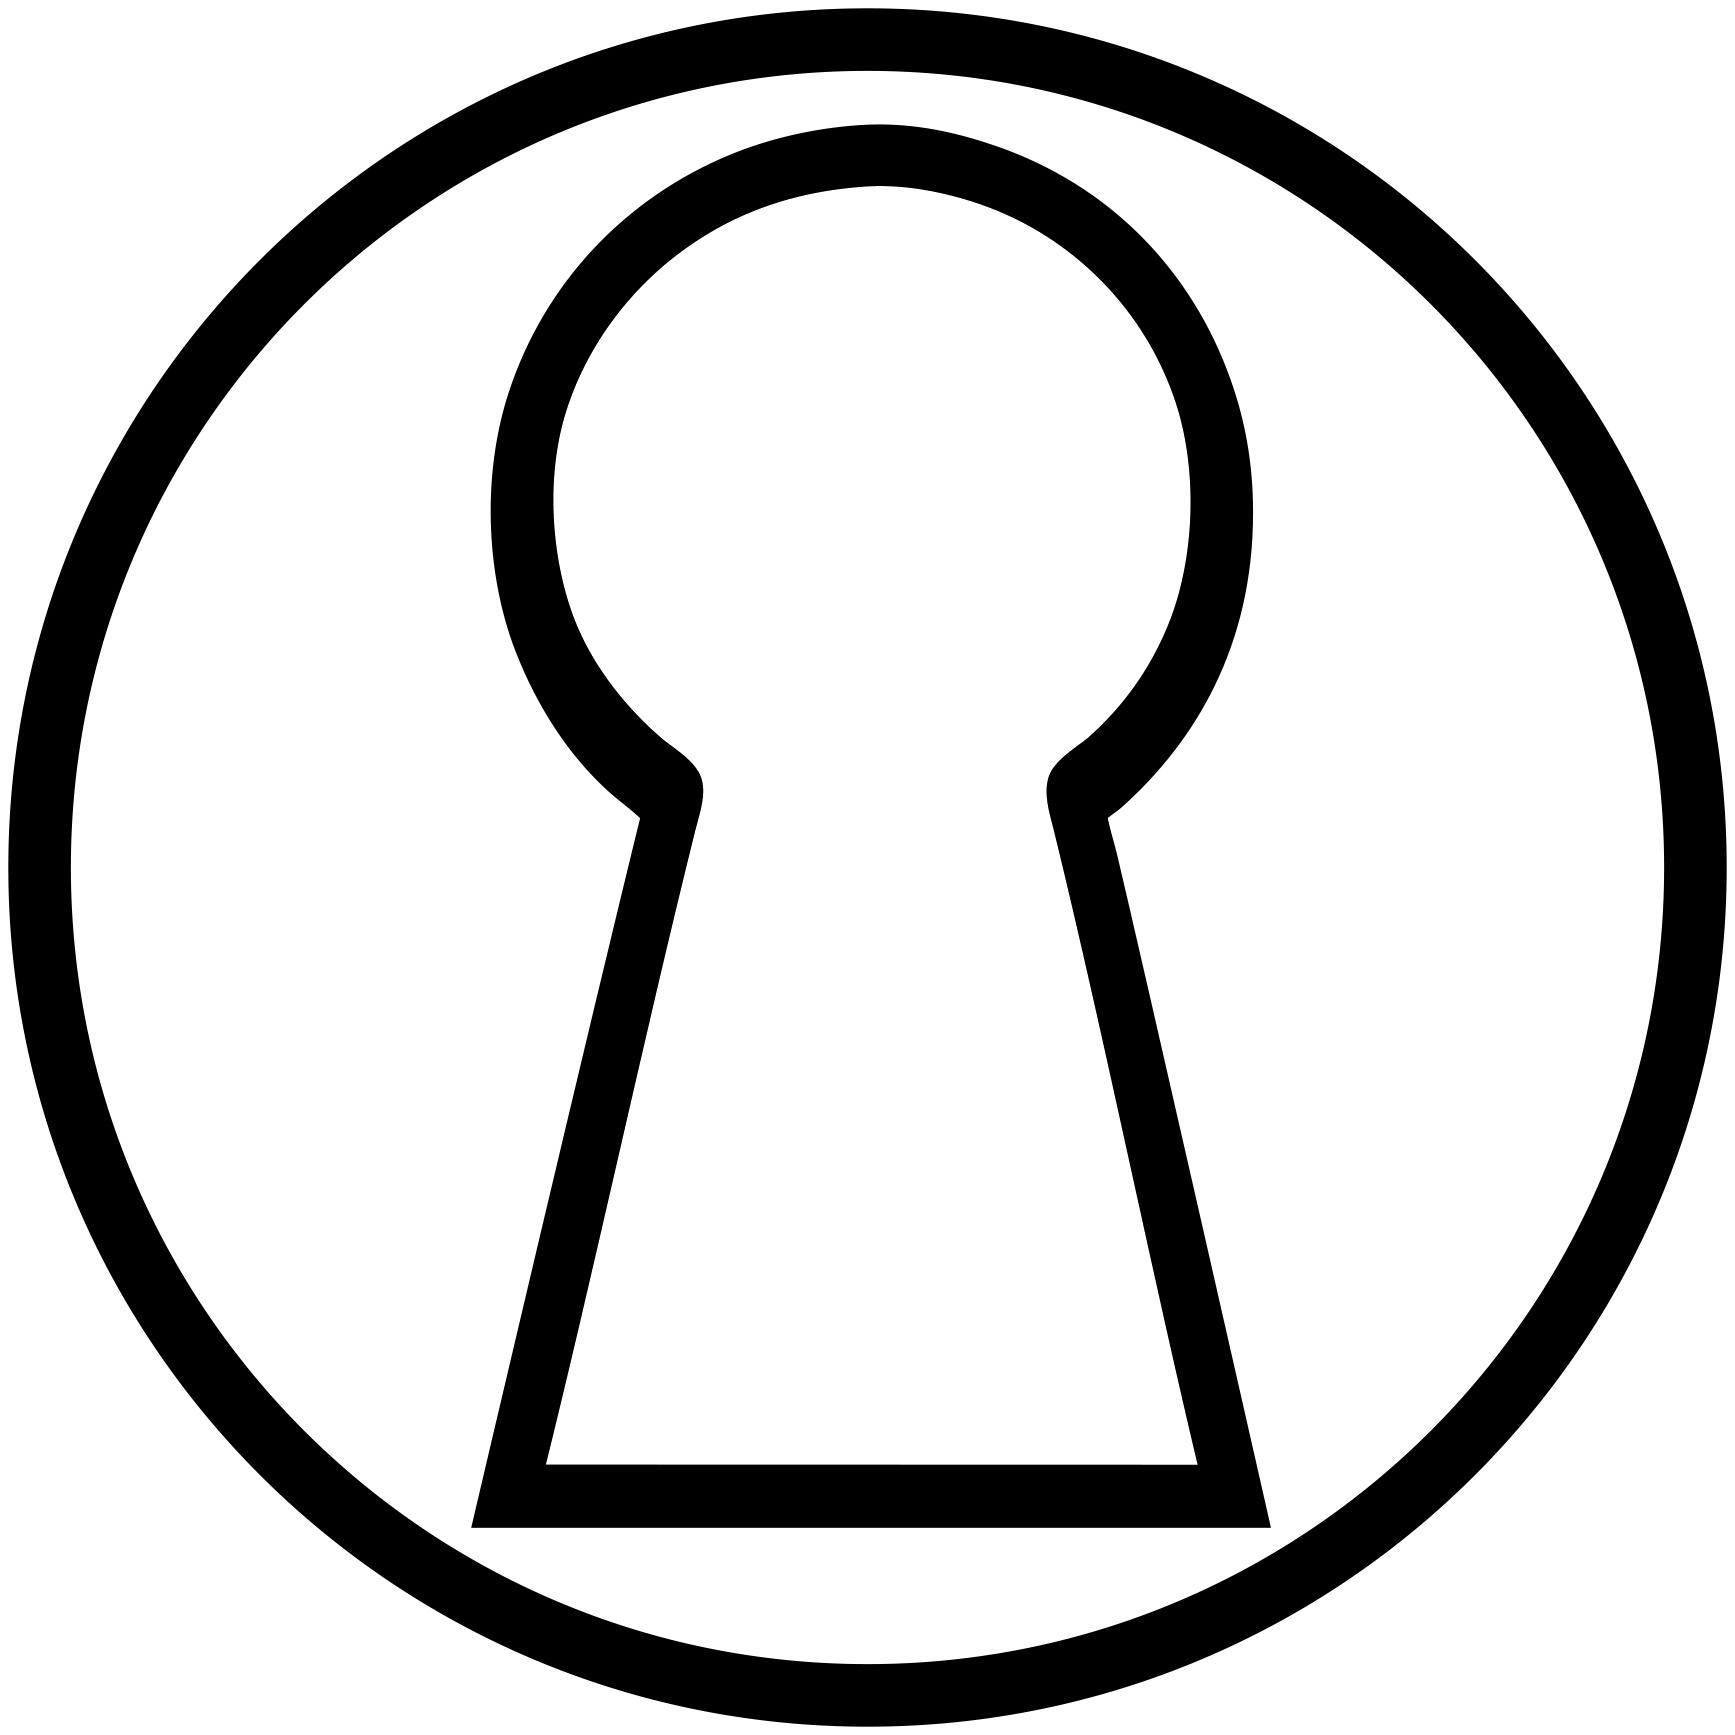 vector royalty free stock Keyhole Drawing at GetDrawings